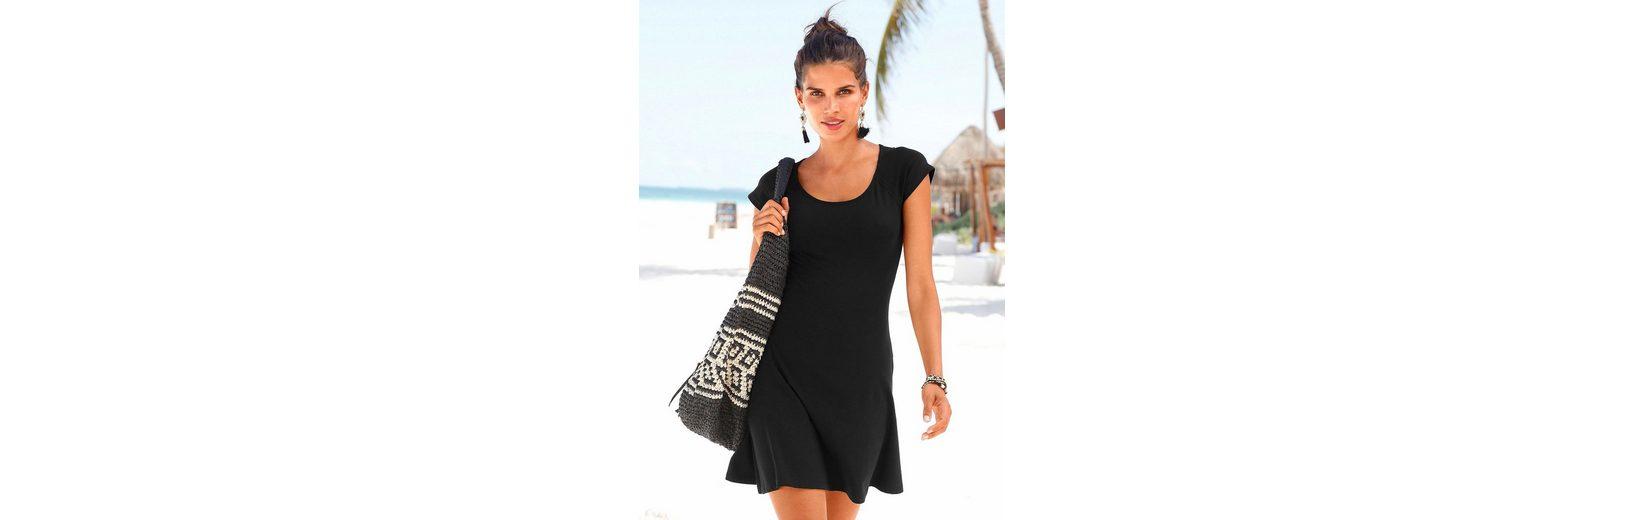 Beachtime Strandkleid mit Spitze im Rücken Billig Verkauf Outlet-Store Footlocker Günstiger Preis Offizielle Seite Beste Günstig Online Beste Preise Im Netz N4pj1GwLT